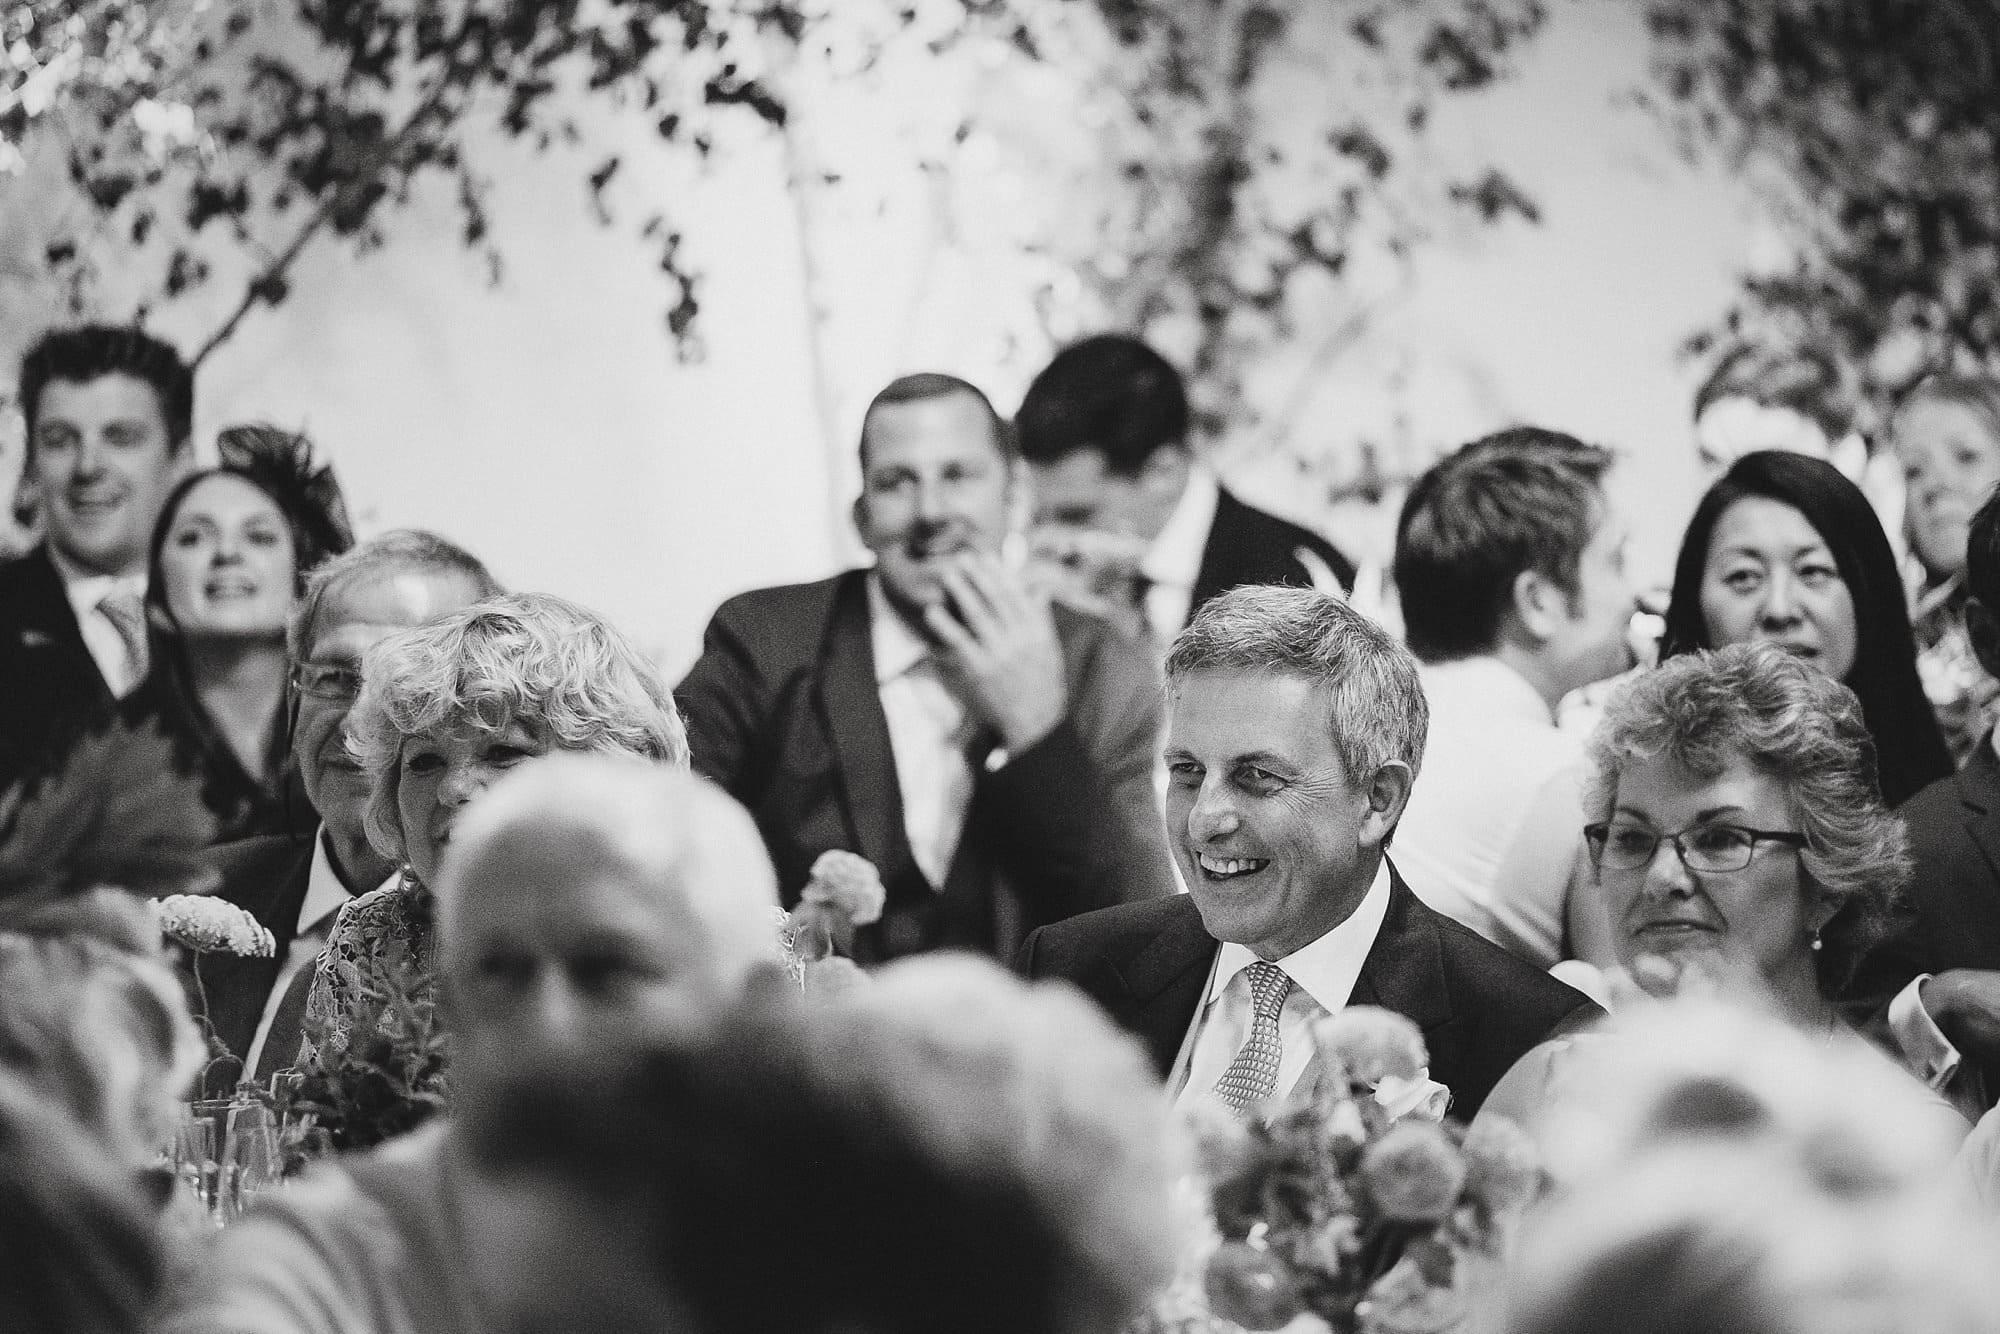 fulham palace wedding photographer 076 - Rosanna & Duncan's Fulham Palace Wedding